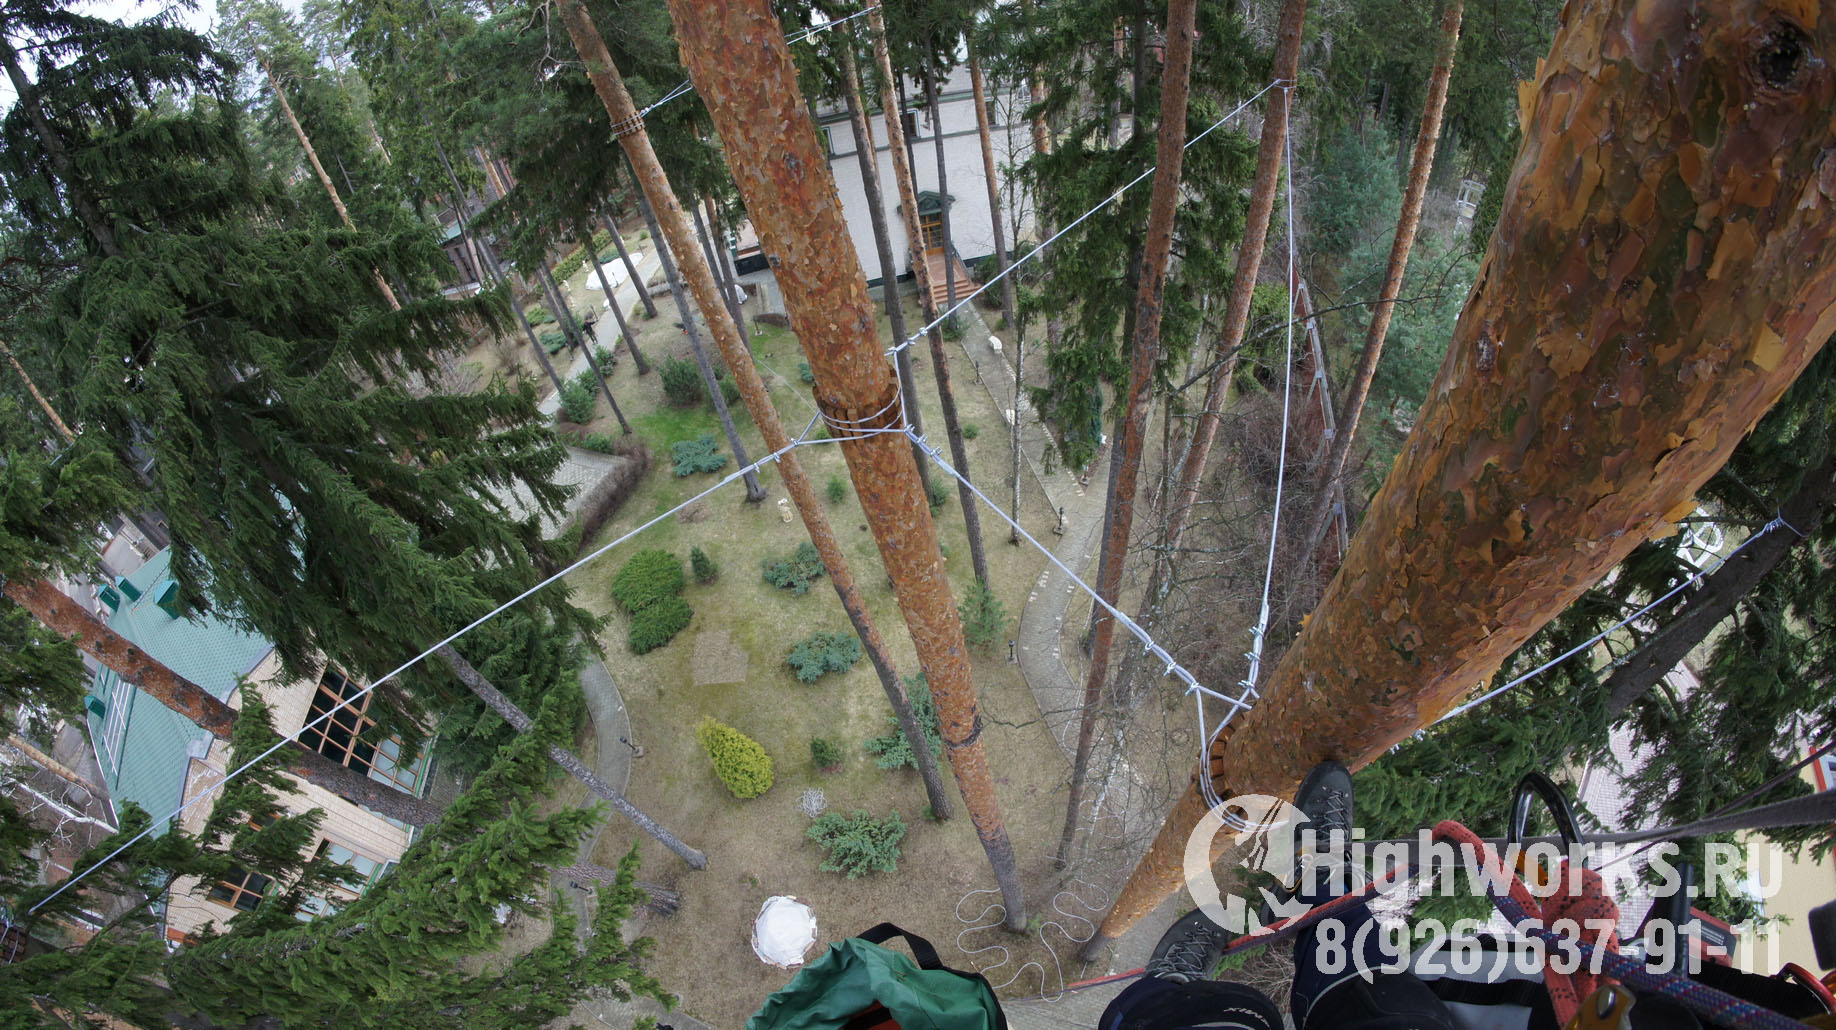 Укрепление и демонтаж деревьев промышленными альпинистами